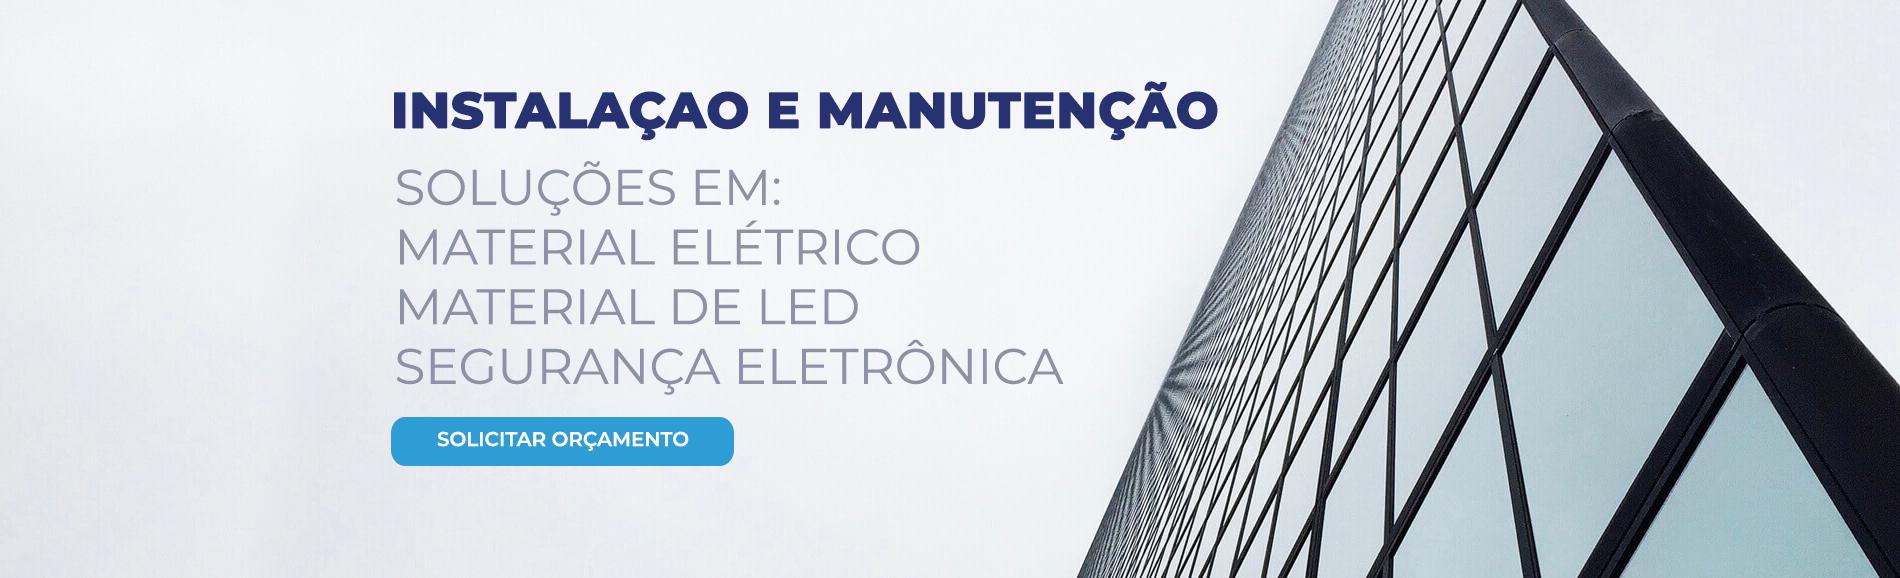 banner-instalacao-eletrica